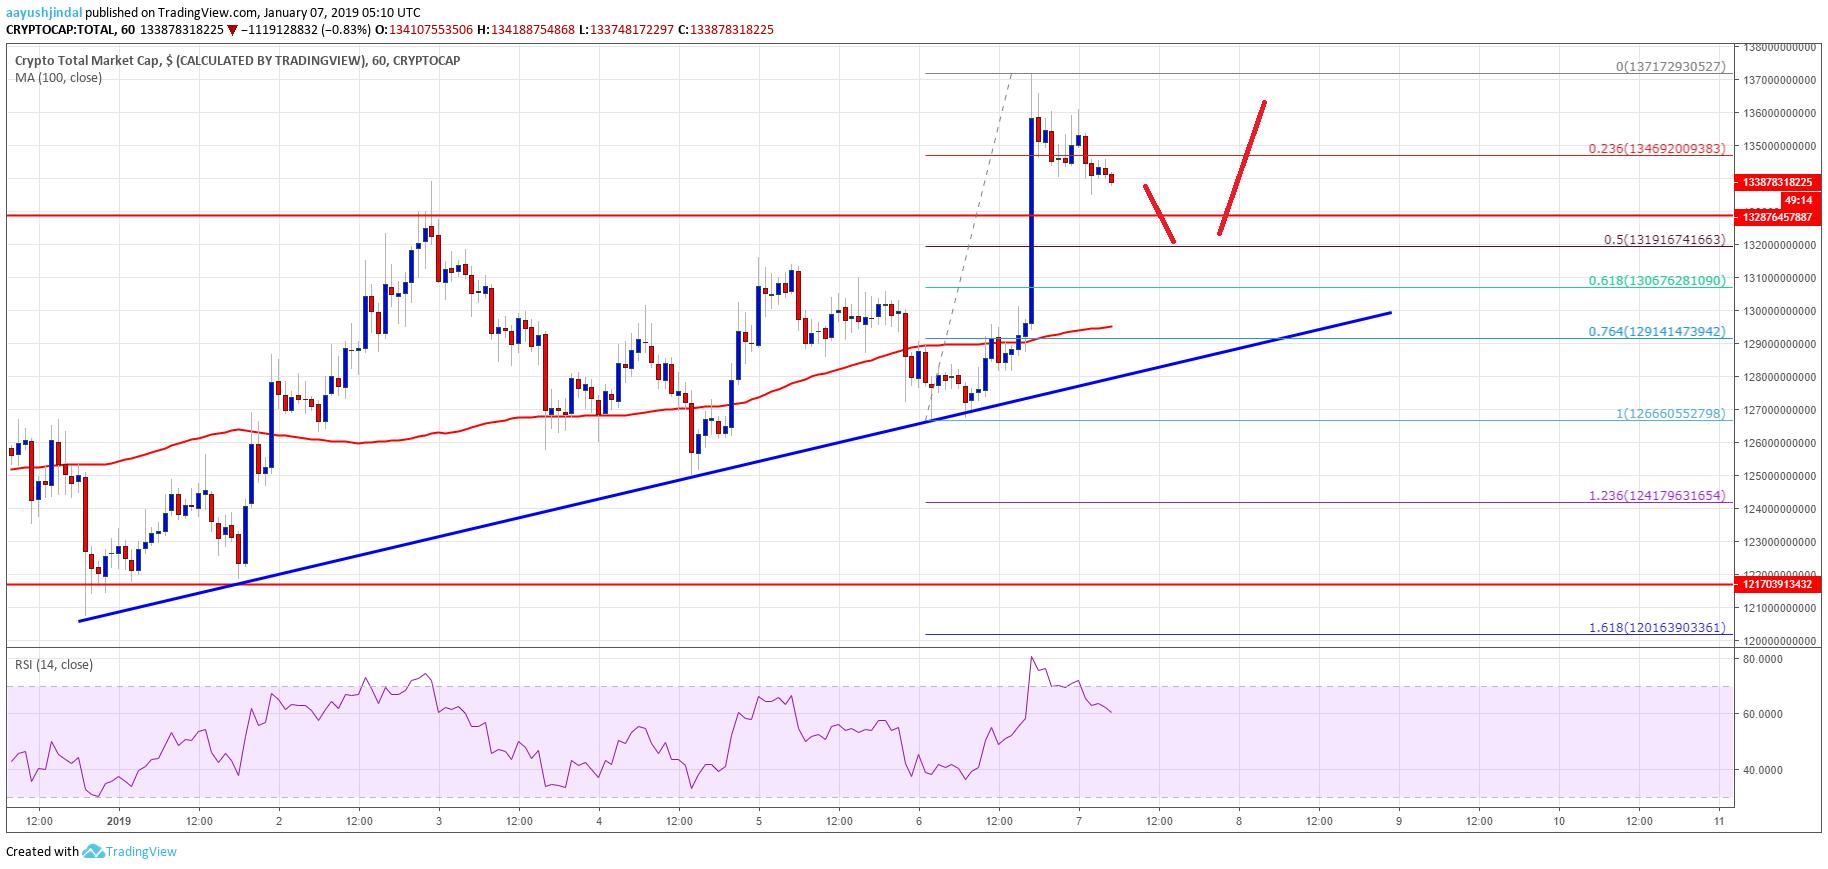 Crypto Market Cap Total EOS BCH BTC ADA TRX